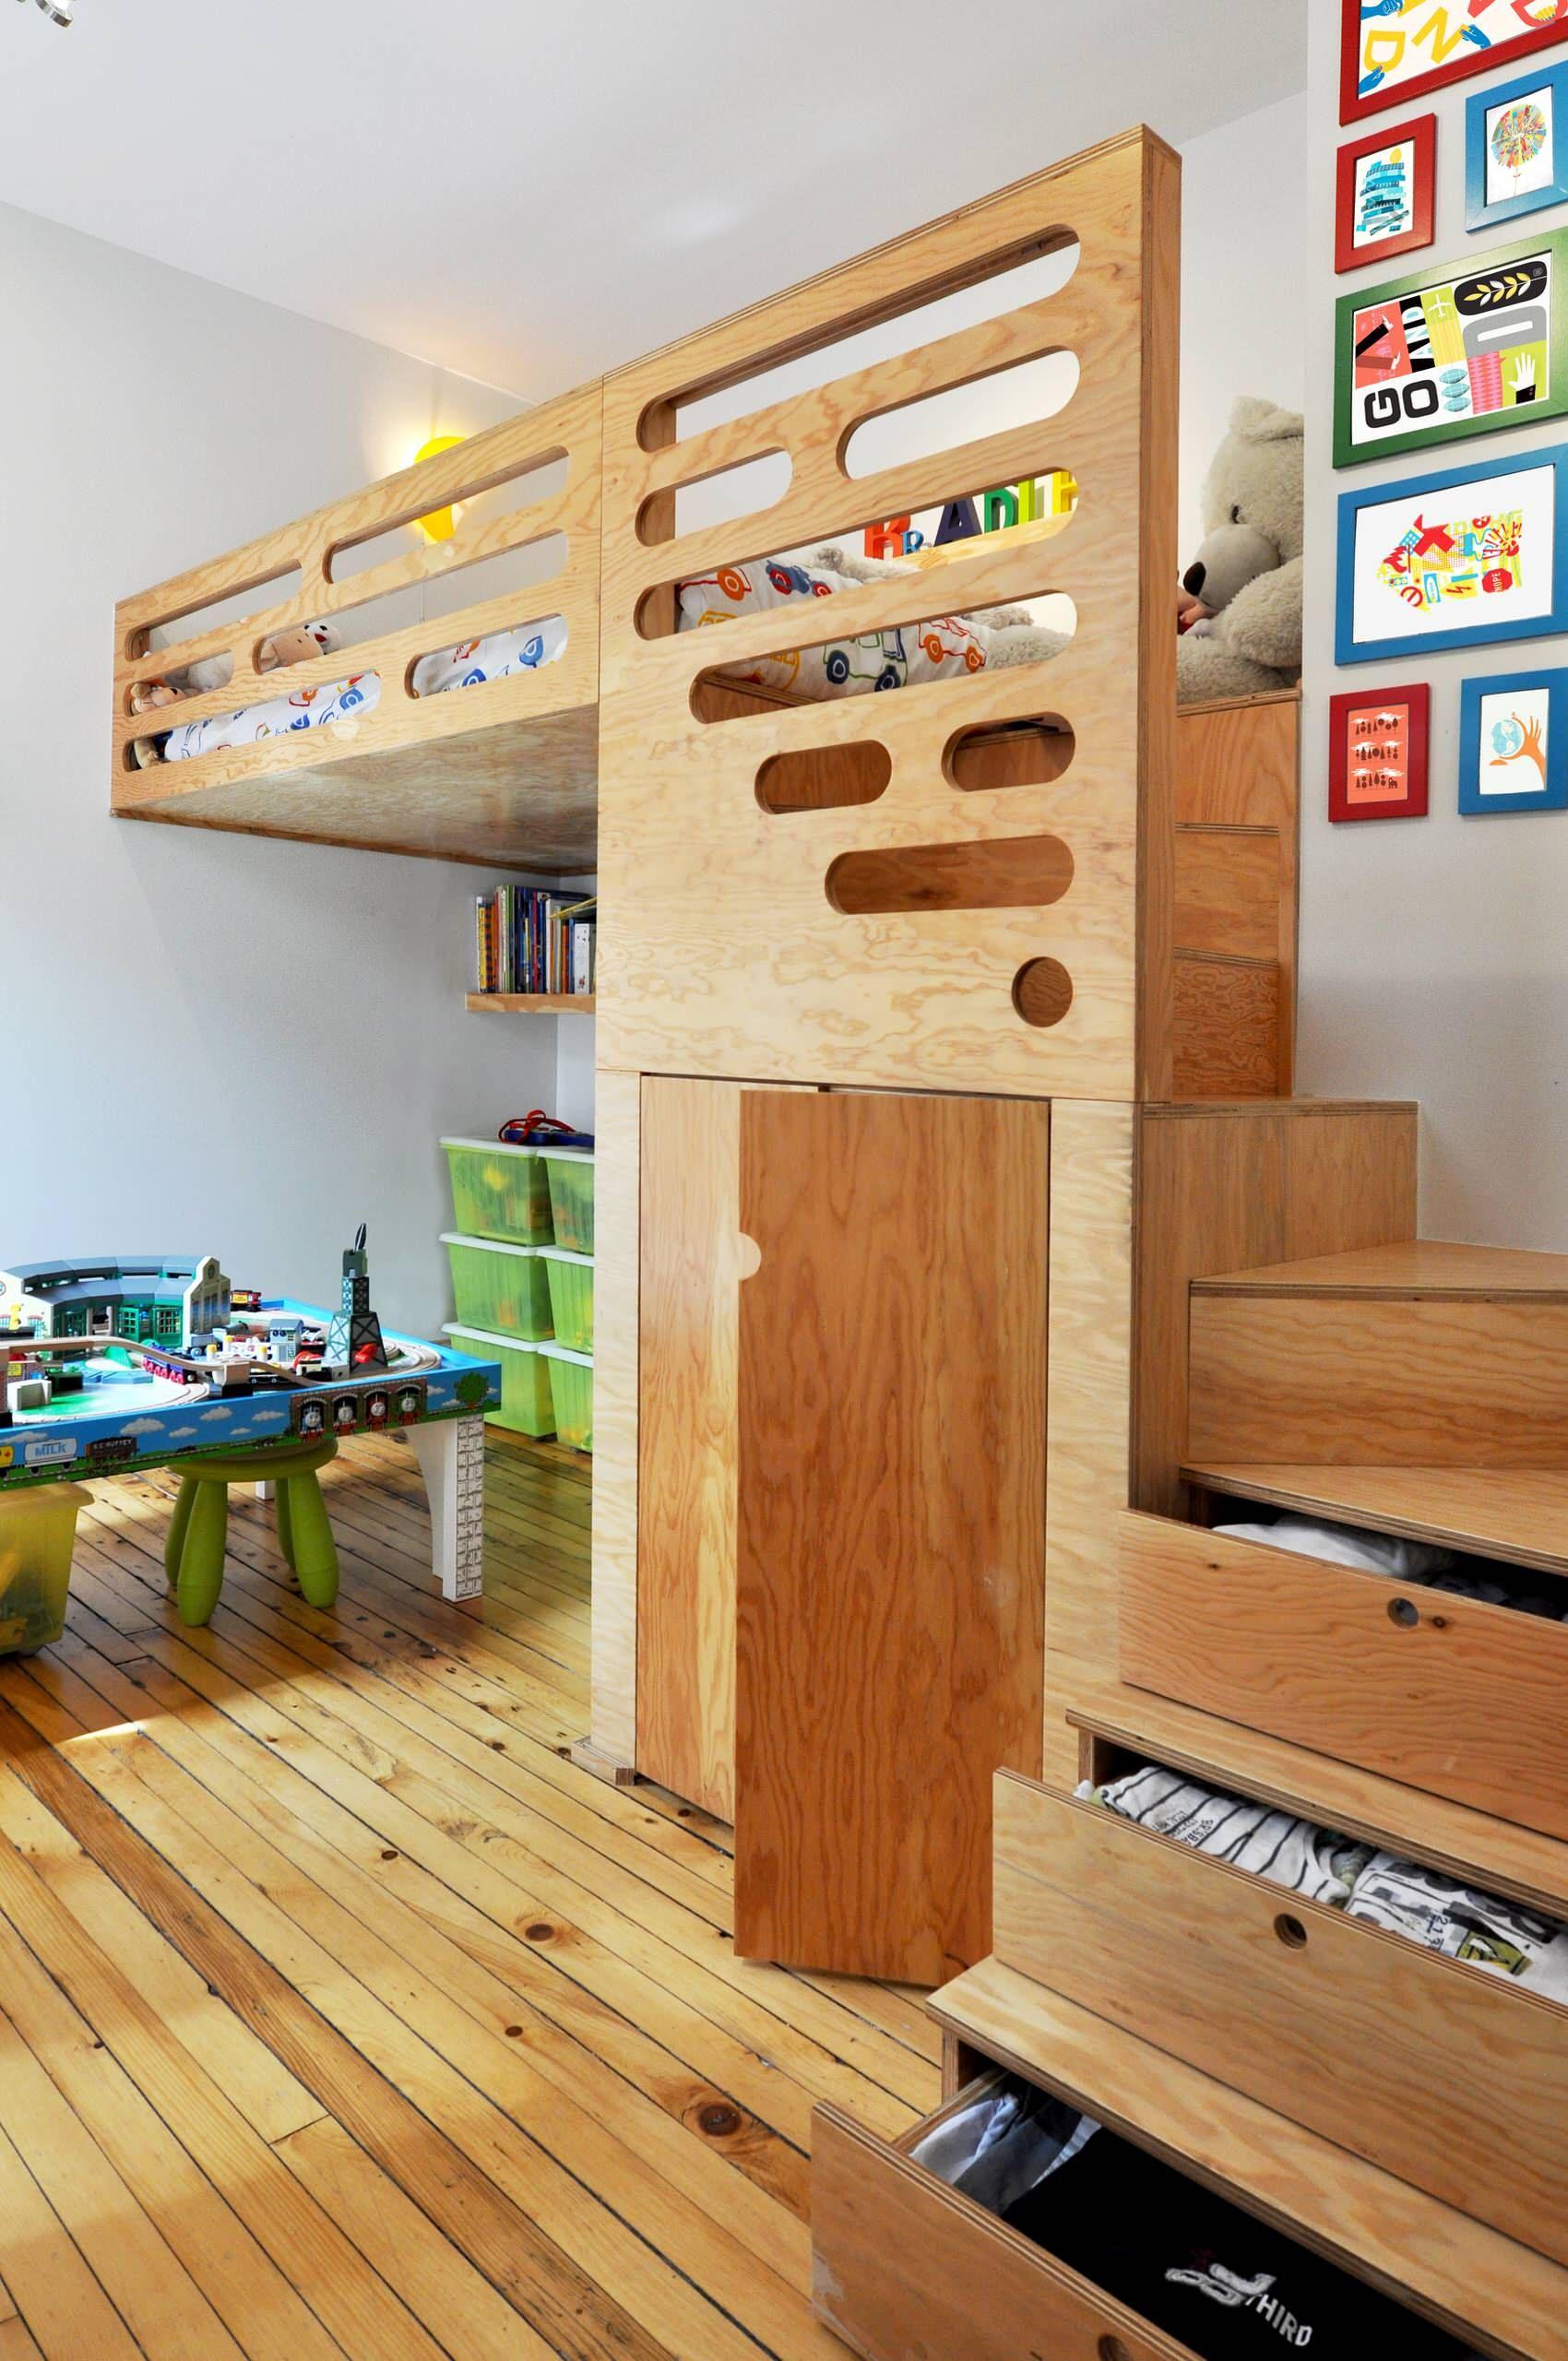 Pertanto, ci sono molti modi per decorare correttamente la stanza per loro. Cameretta Dei Bambini 70 Idee Per Una Stanza Moderna E Funzionale Modern Kids Bedroom Small Kids Bedroom Cool Loft Beds